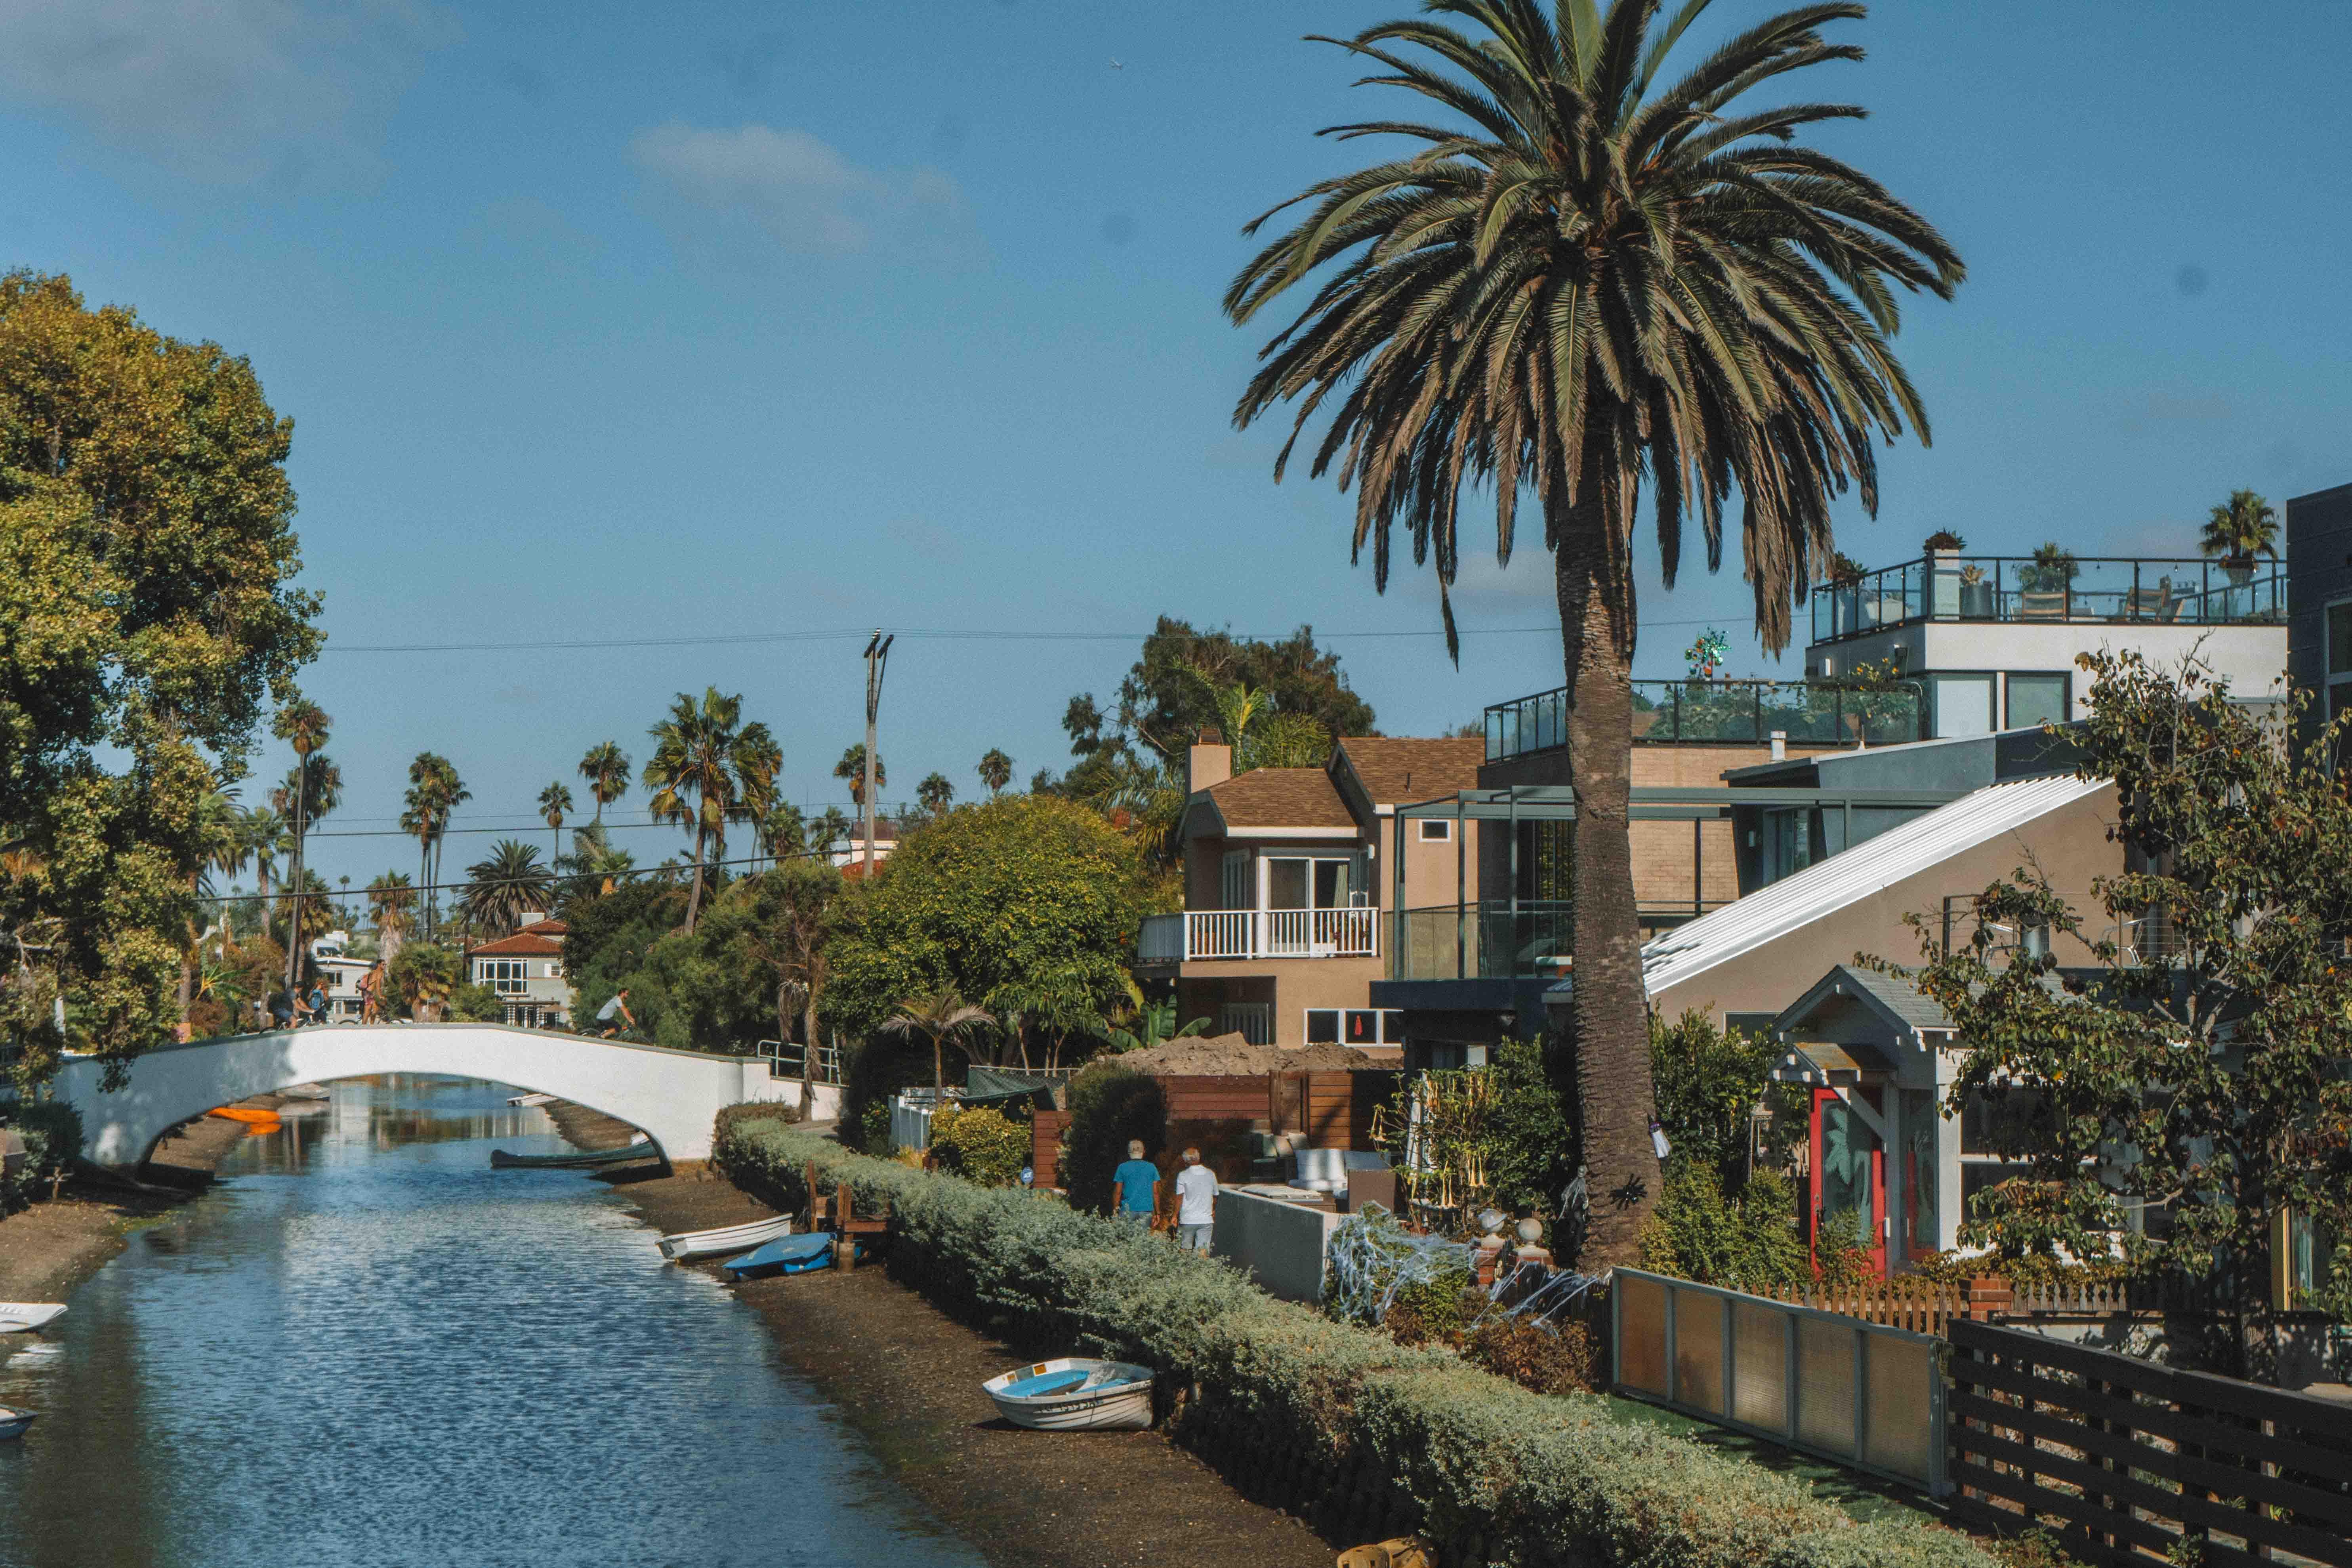 margem dos canais de Venice, no sul da Califórnia